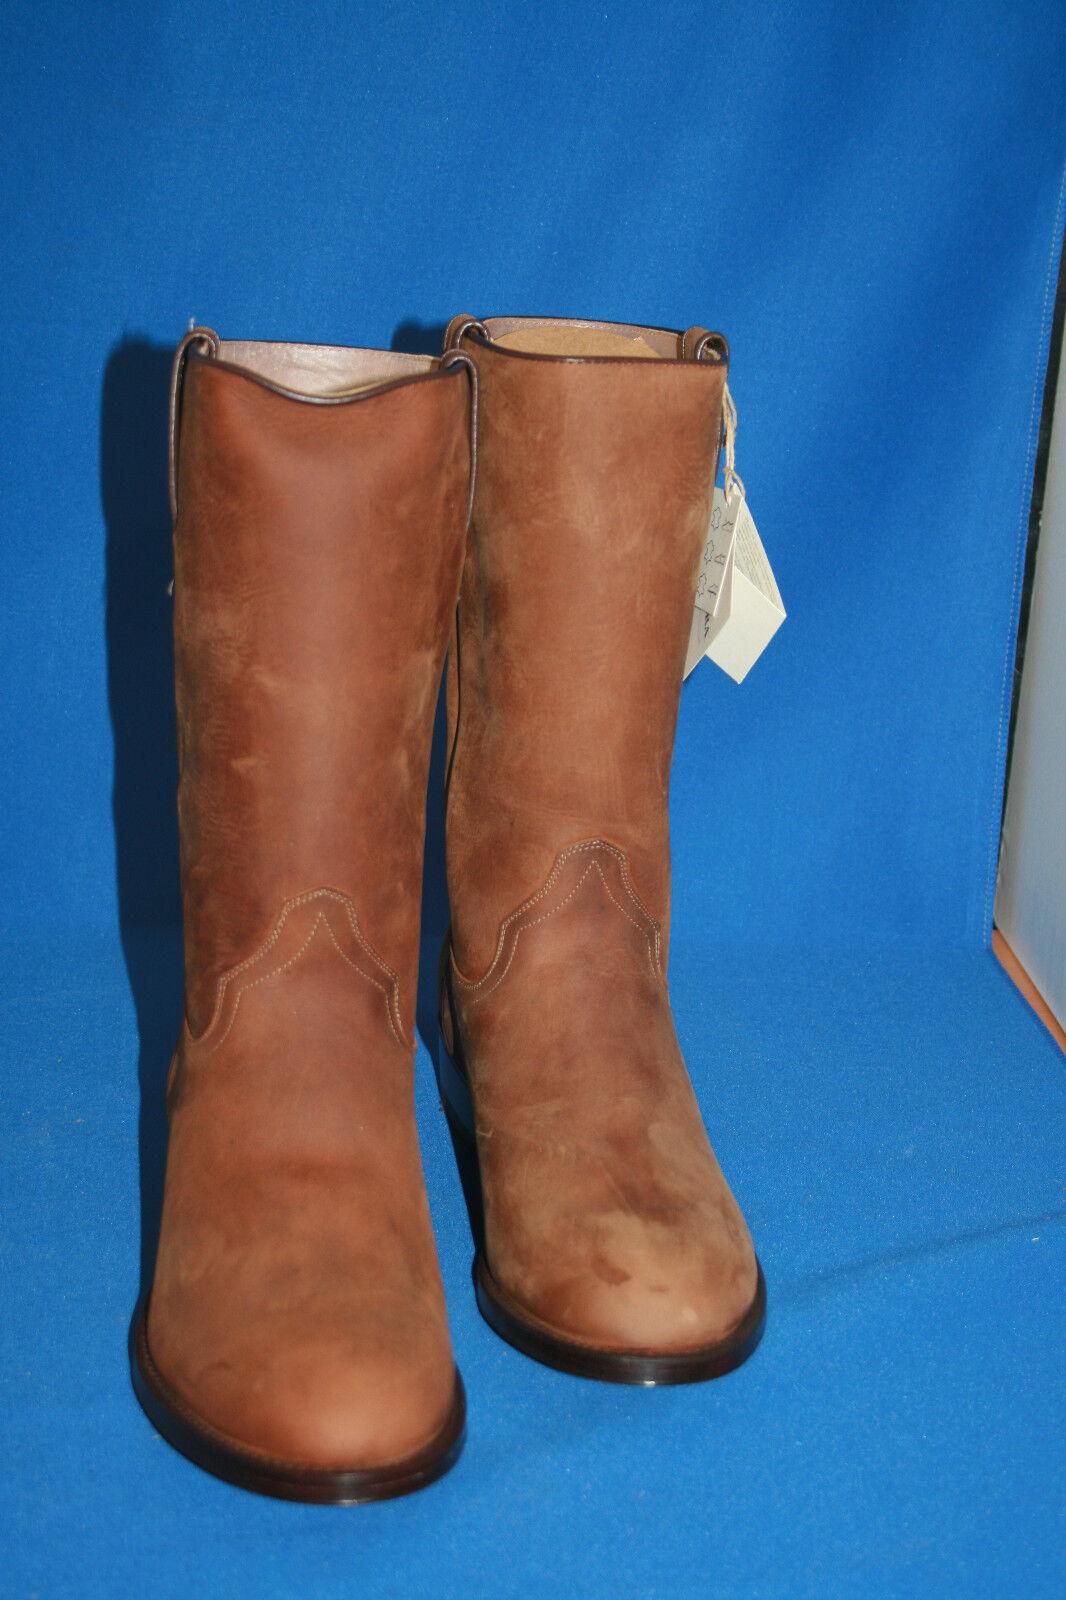 TONY TONY TONY MORA Boots Stiefel westernstiefel cowboystiefel  gr. 42  neu  leder nobuk 1312c6